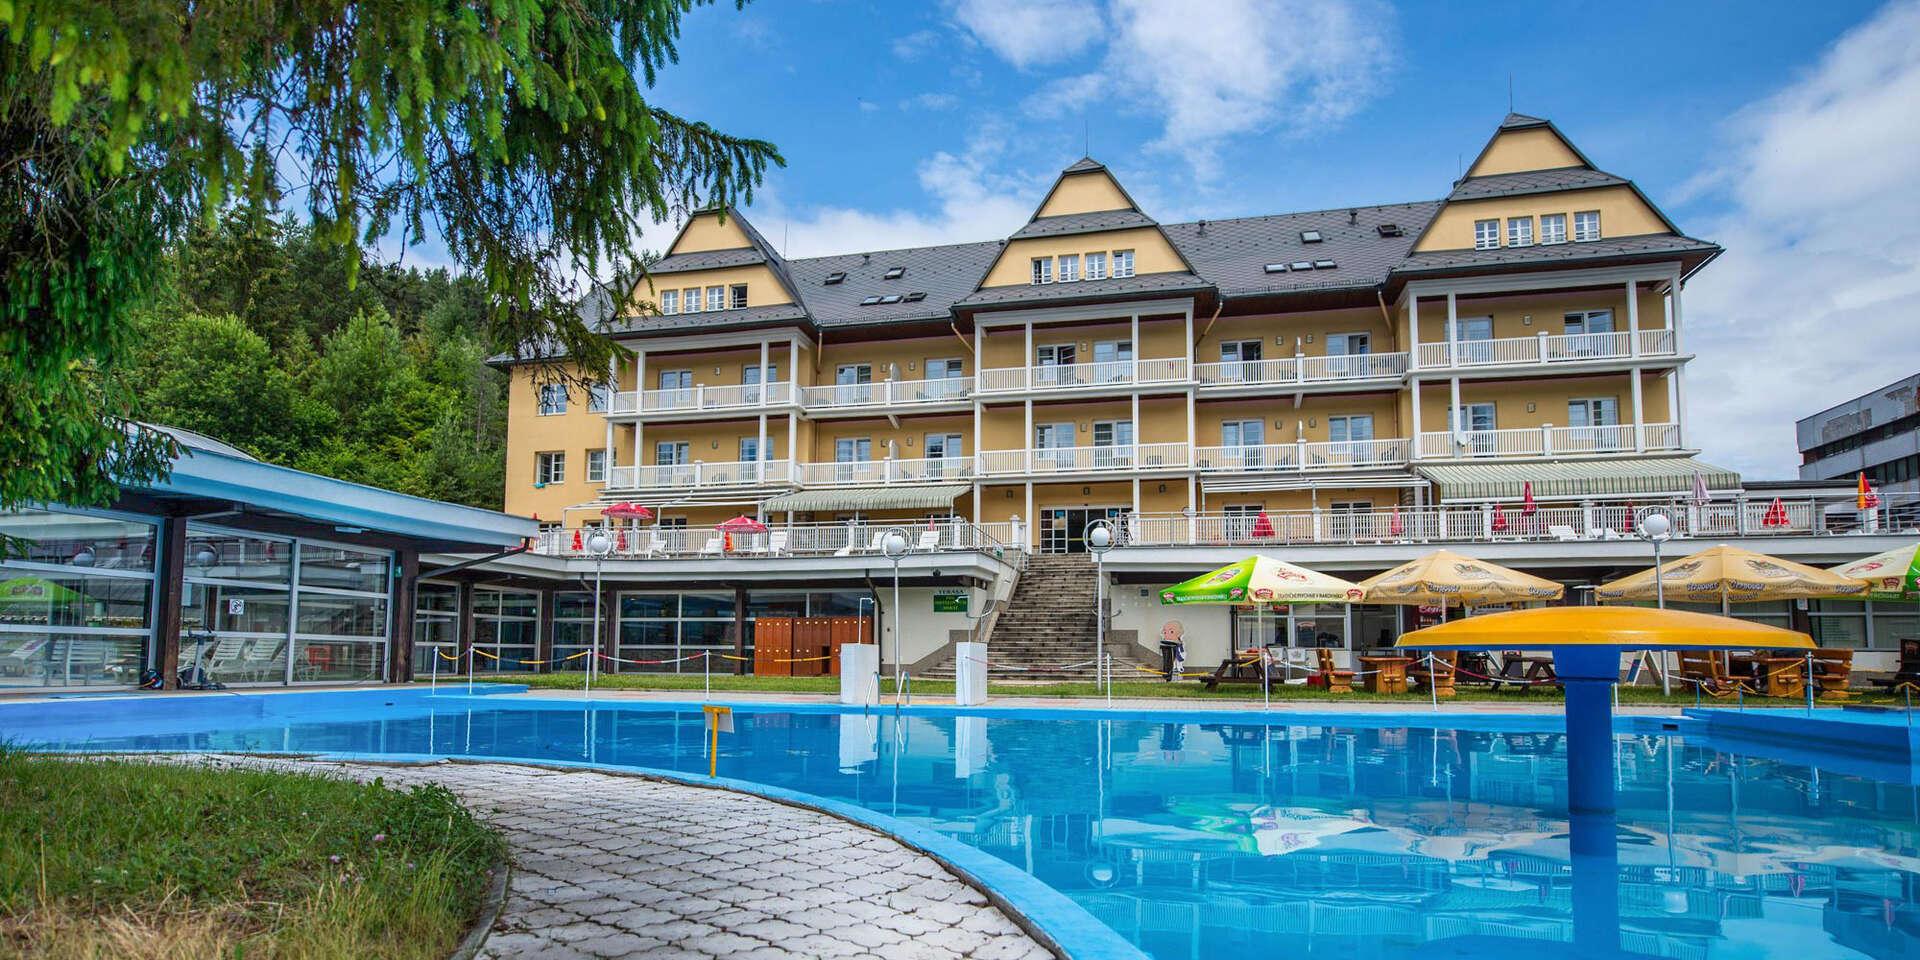 Neobmedzené kúpanie a polpenzia v známom Grand Hoteli Strand**** vo Vyšných Ružbachoch až do apríla 2021